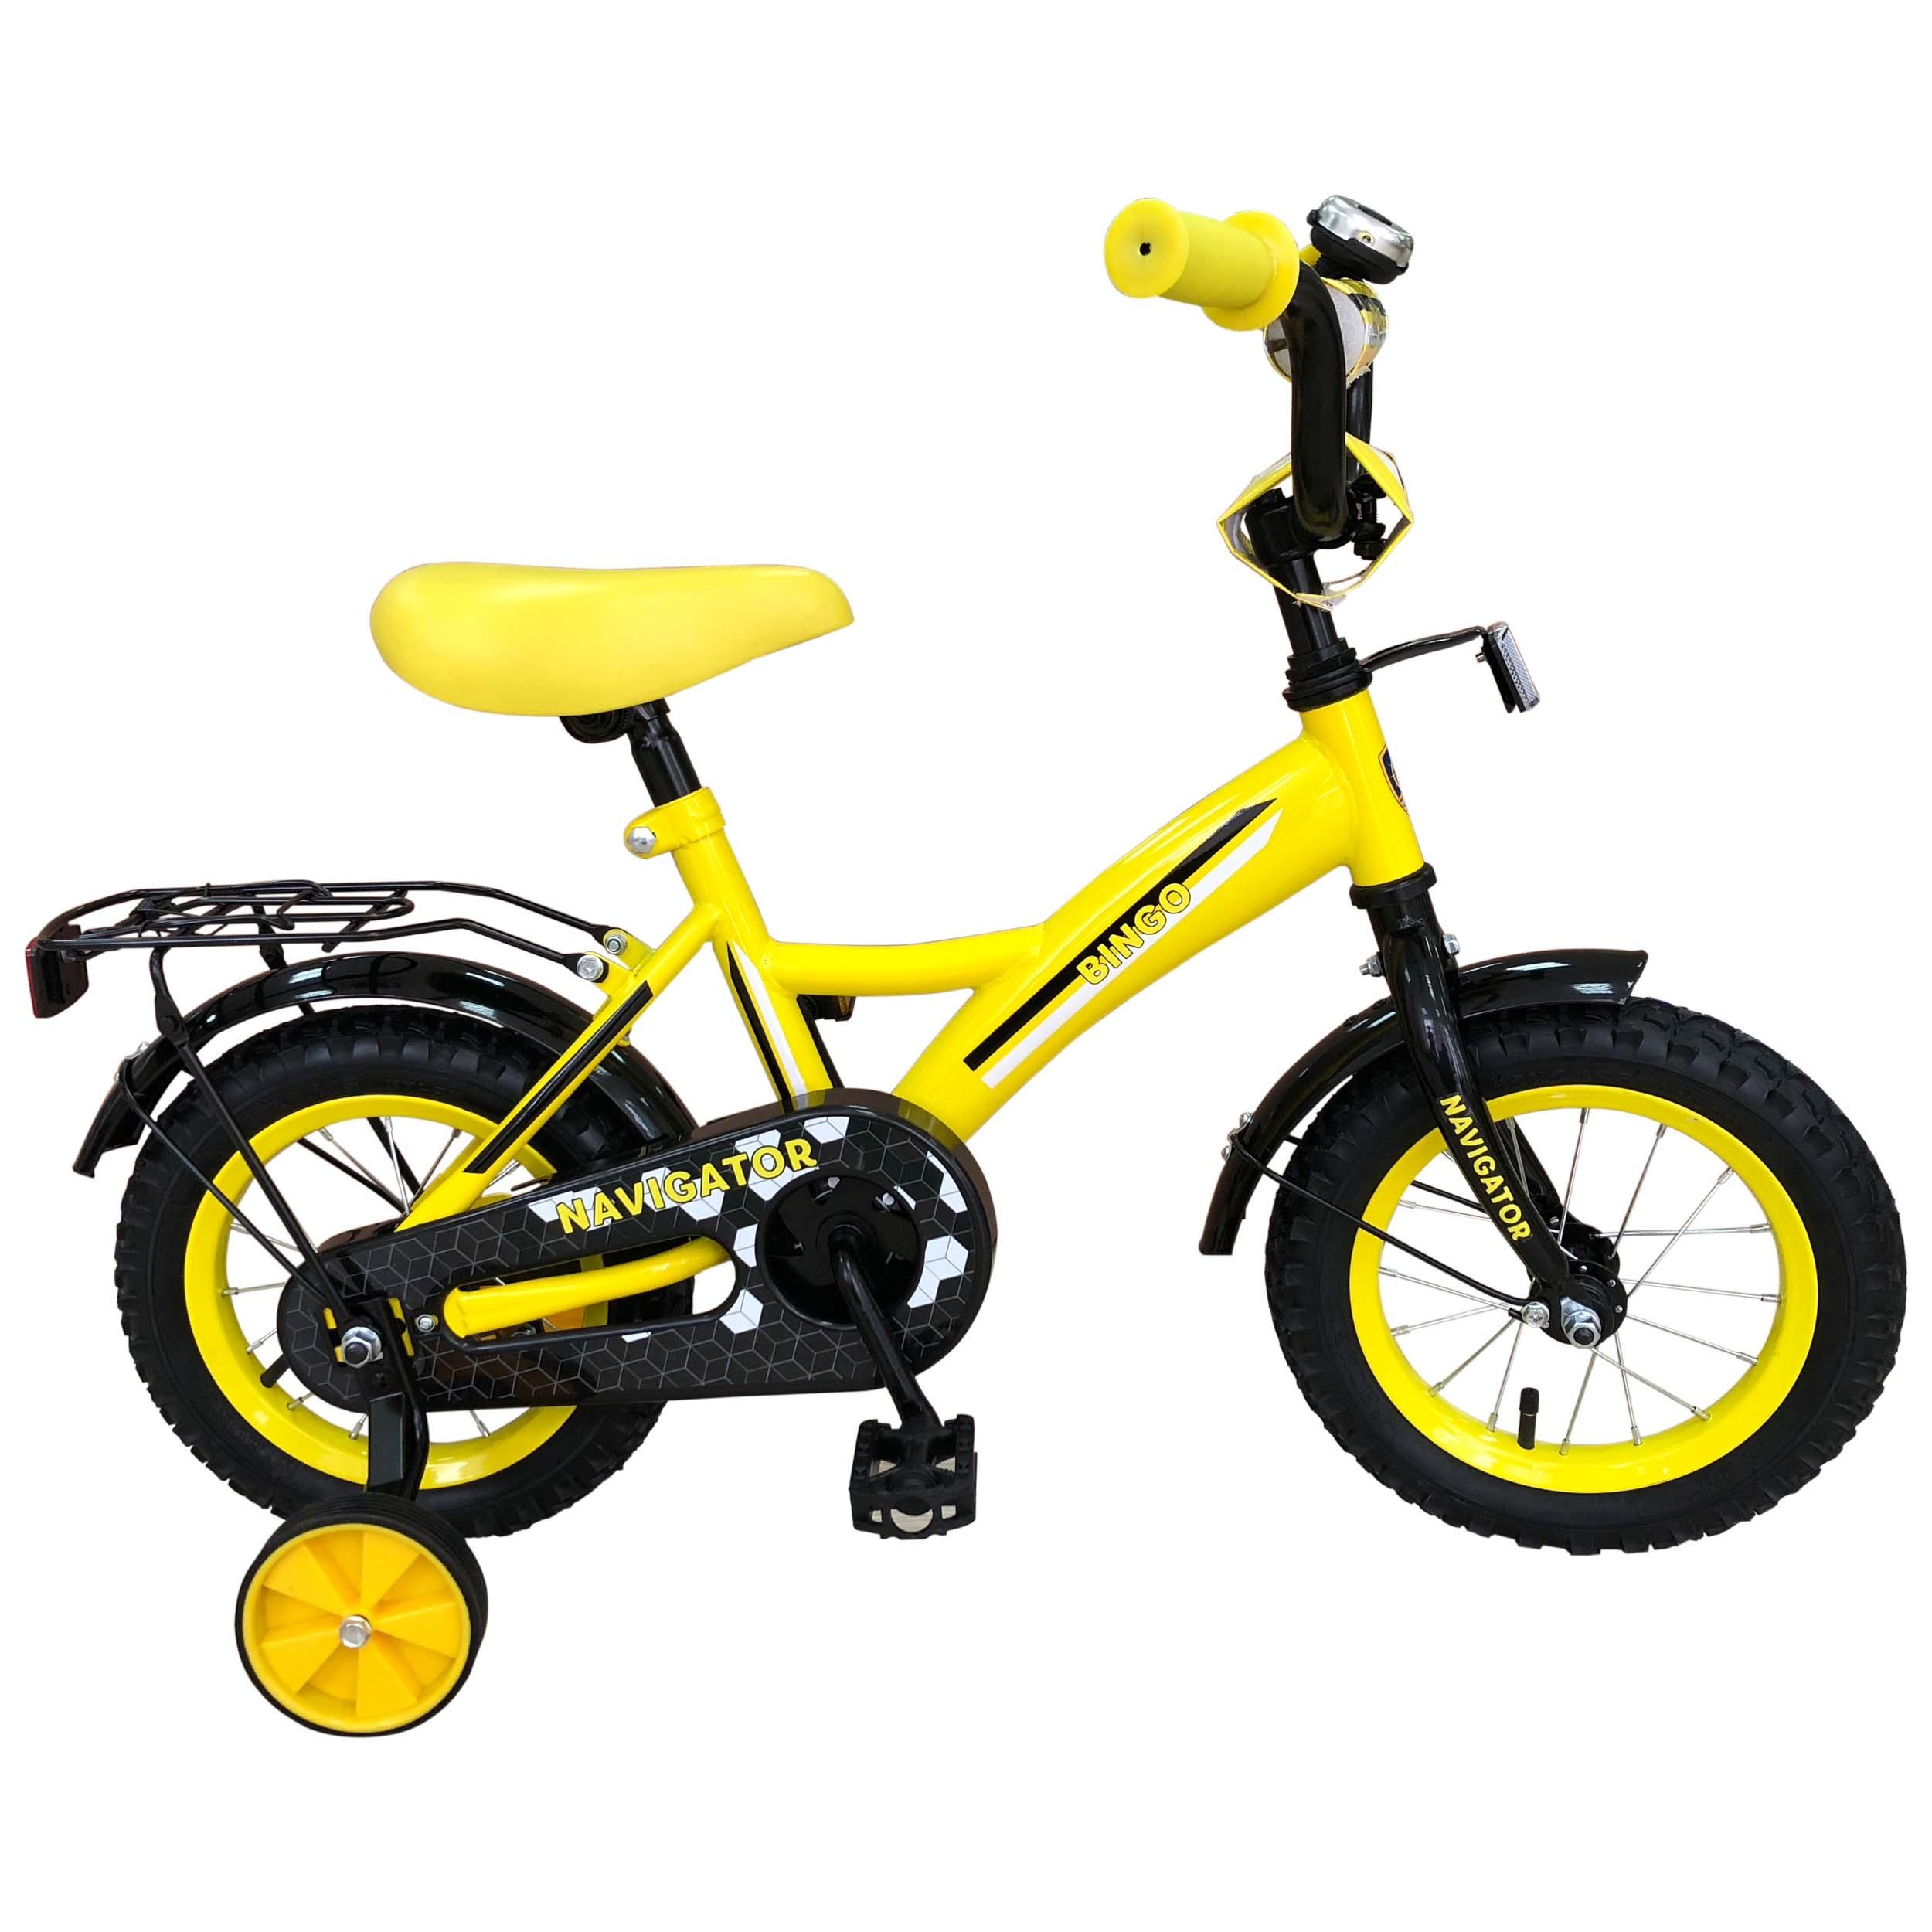 Купить Велосипеды двухколесные, ВН12108К3, Navigator, Китай, желто-черный, металл, полимер, текстиль, резина